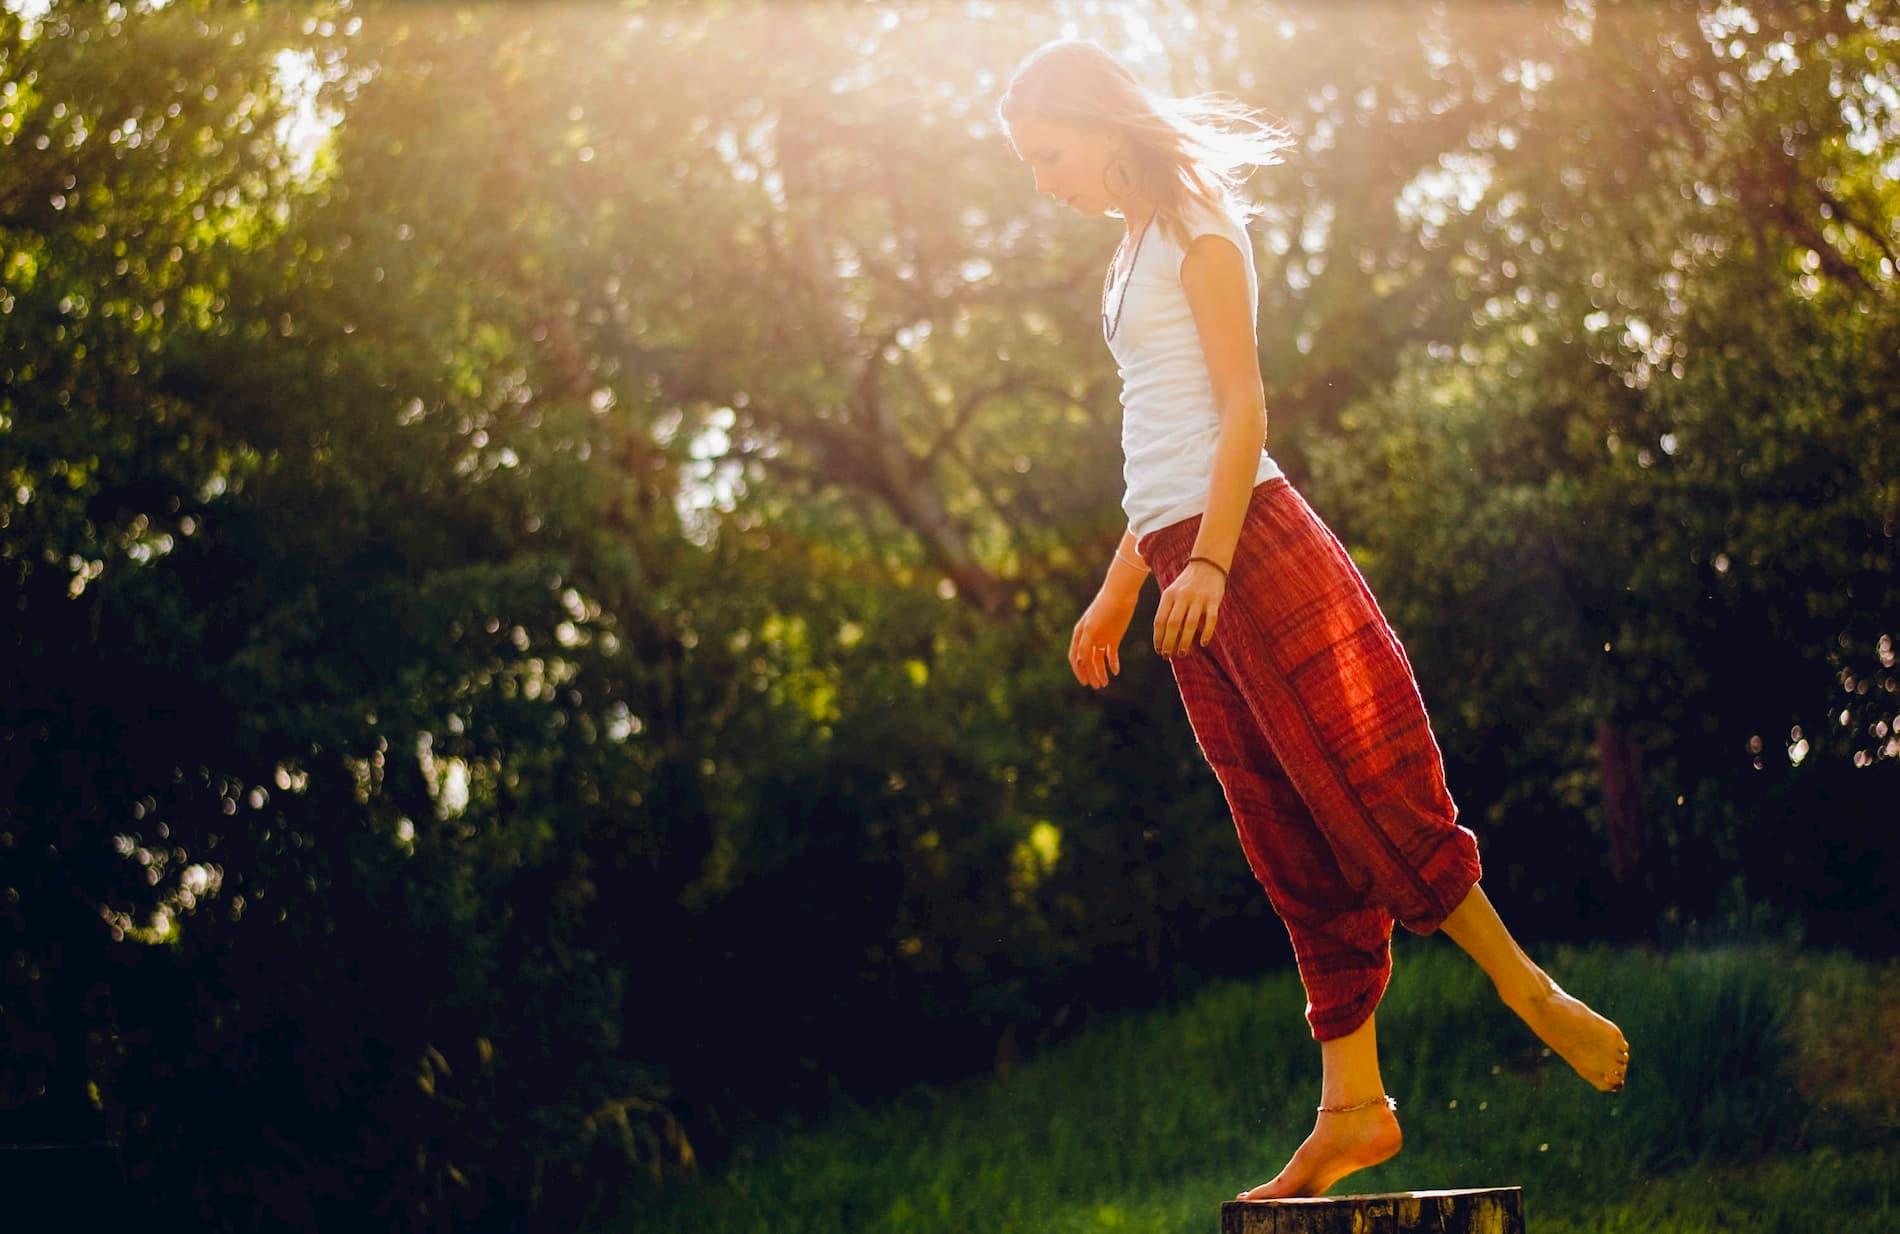 Innere Balance in turbulenten Zeiten finden.